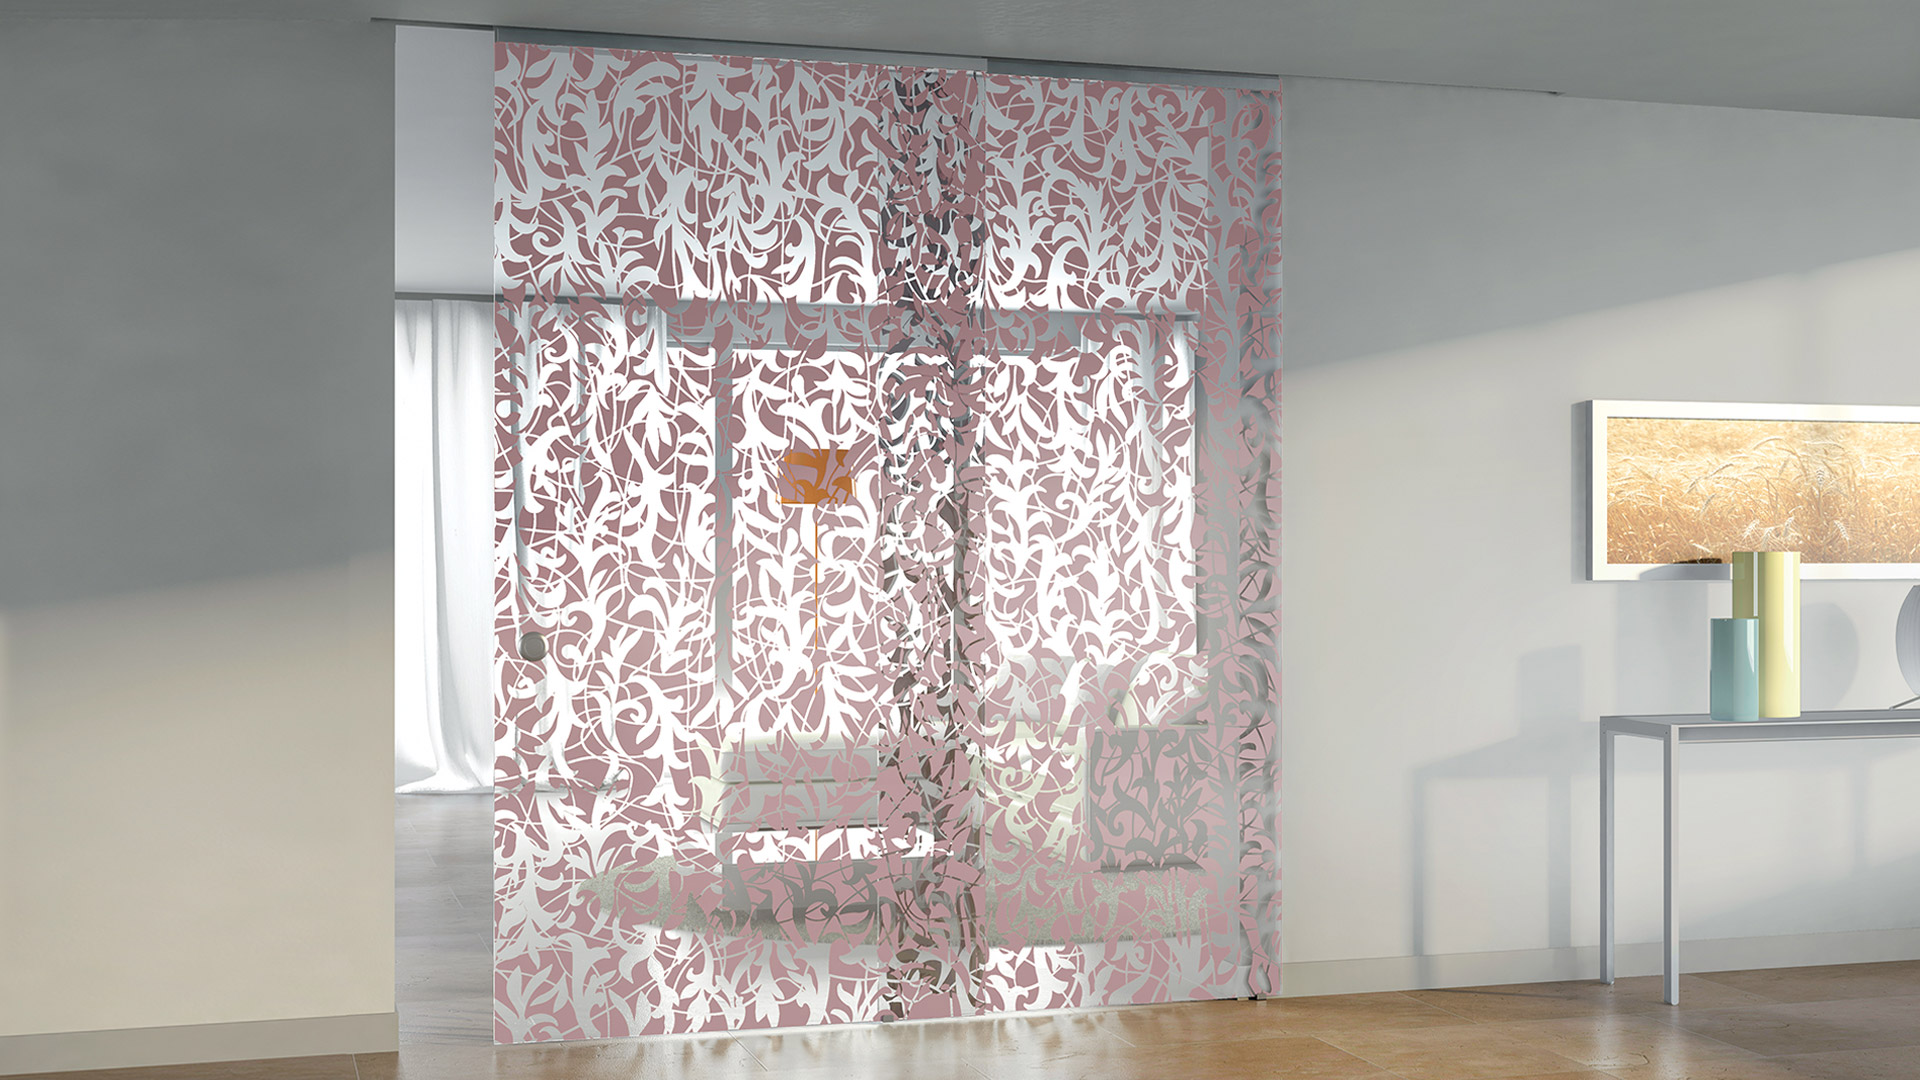 Casali soluzioni scorrevoli vetro design arredamento cristal - Casali porte scorrevoli ...